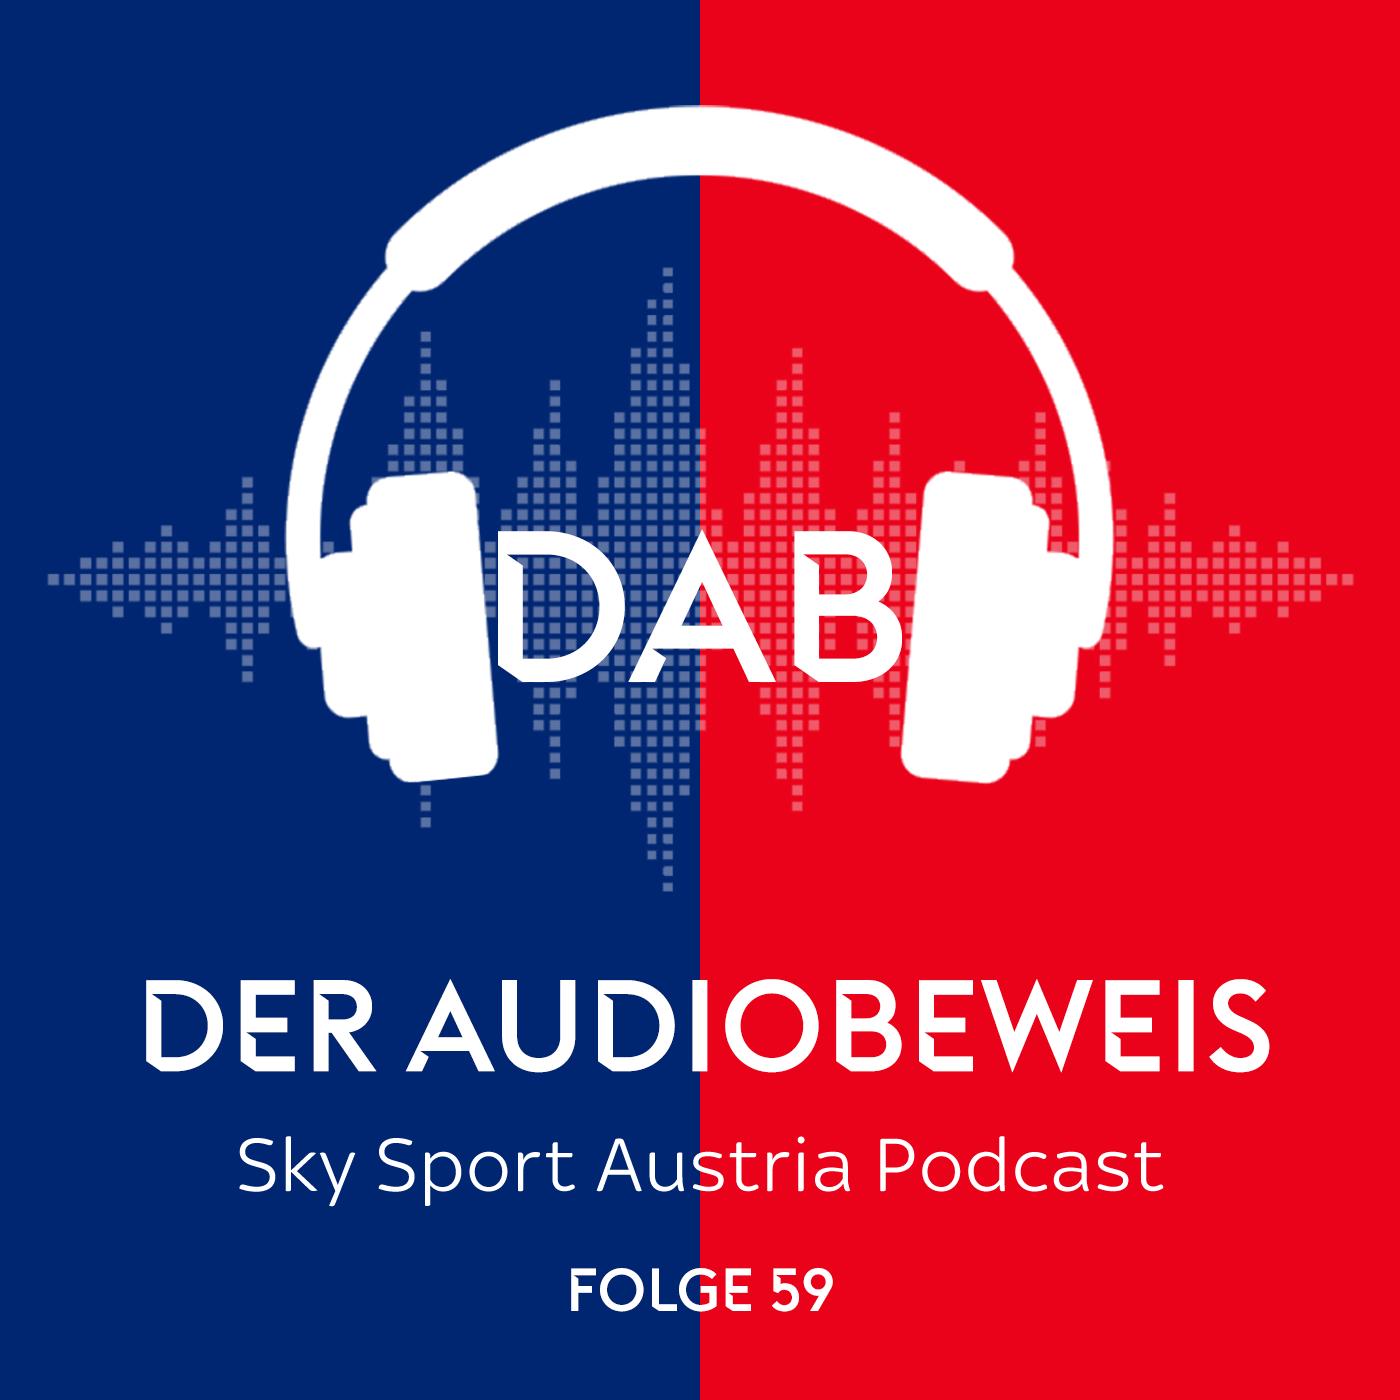 Folge #59: Time-Out mit Nikola Bilyk und Thomas Bauer